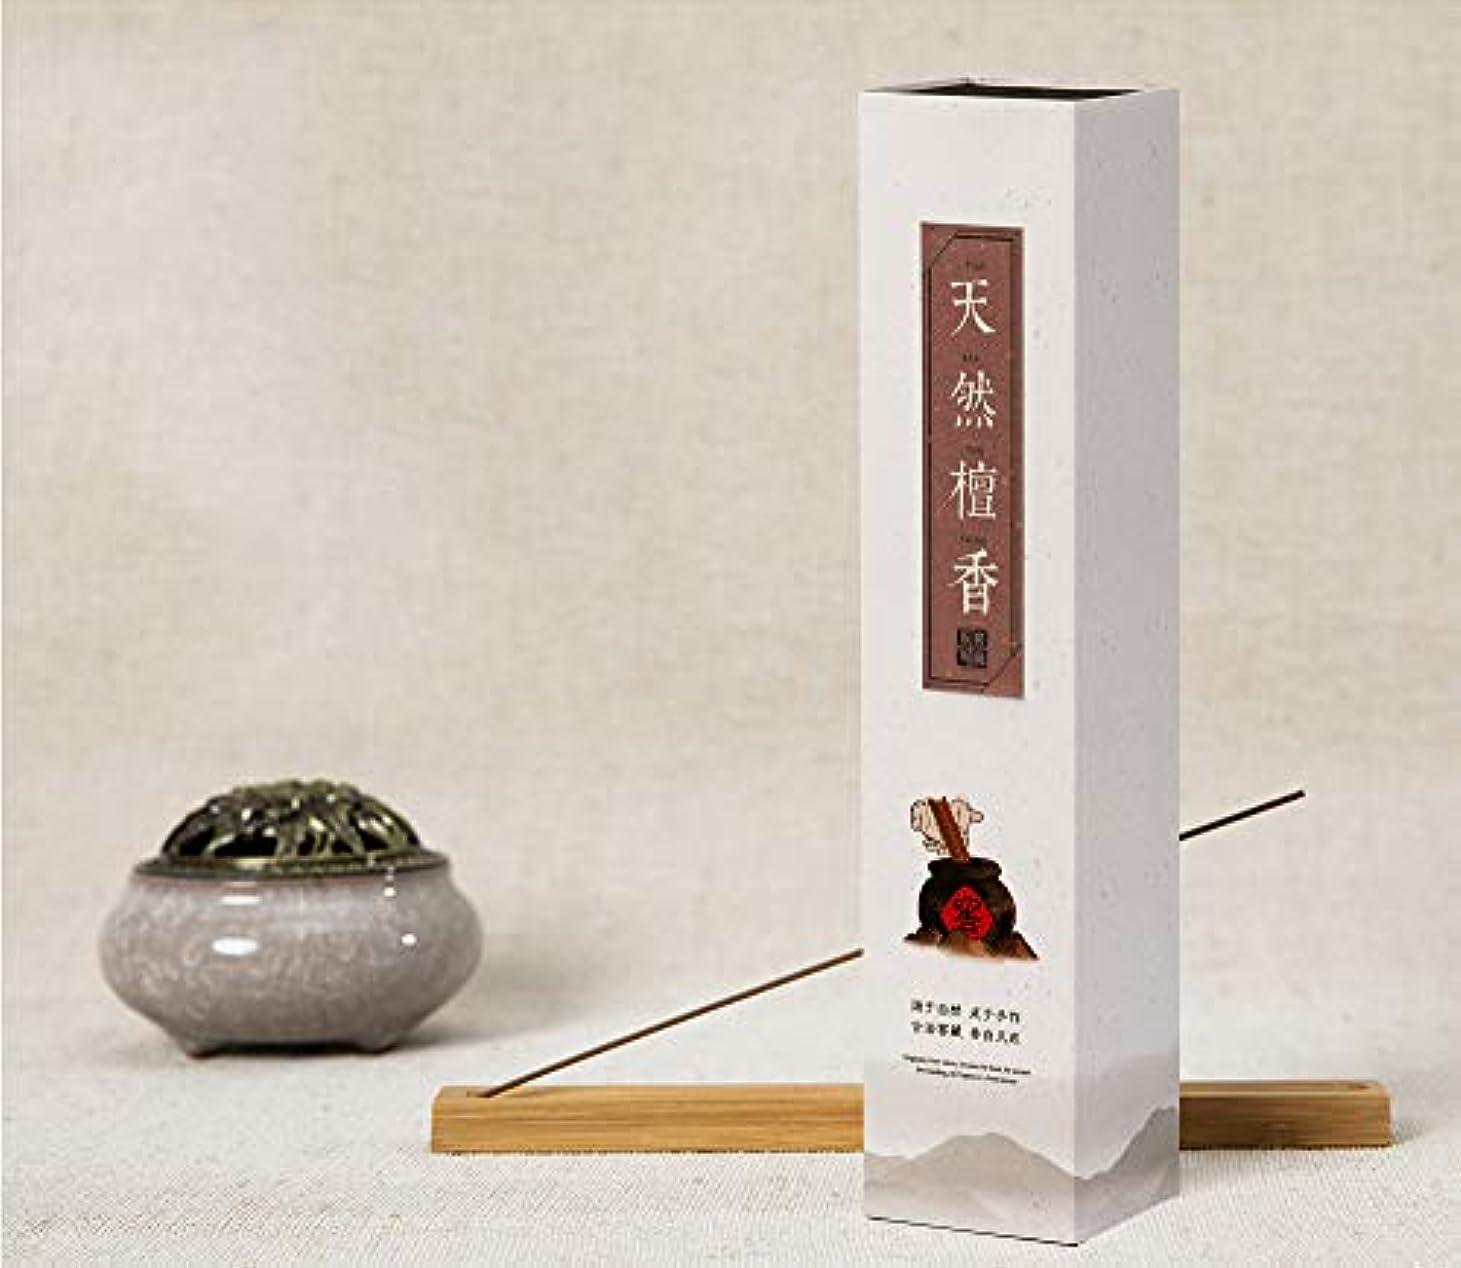 区別削除する西HwaGui - お線香 天然檀香 インセンス 香るスティック 養心安神 お香ギフト 21cm 0.75時間